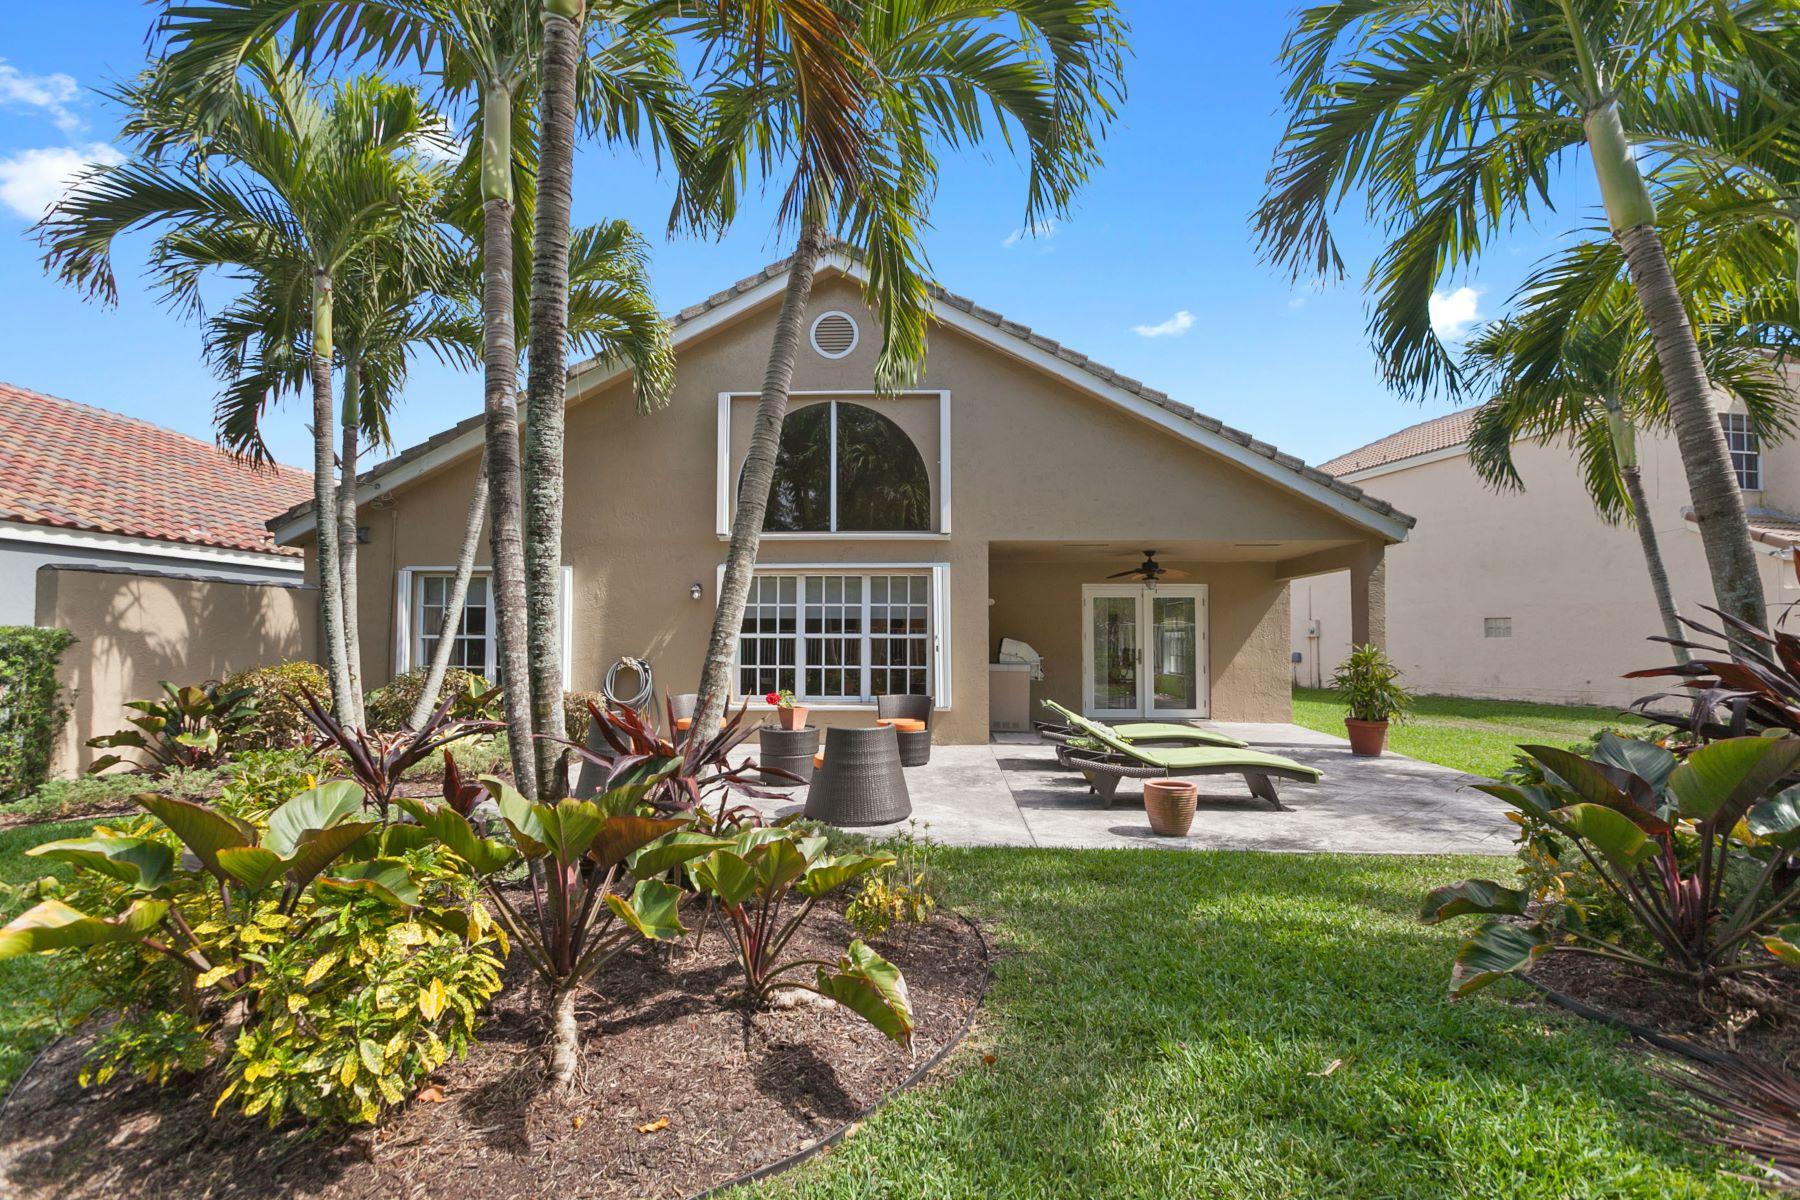 Tek Ailelik Ev için Satış at 2035 Island Cir Weston, Florida, 33326 Amerika Birleşik Devletleri